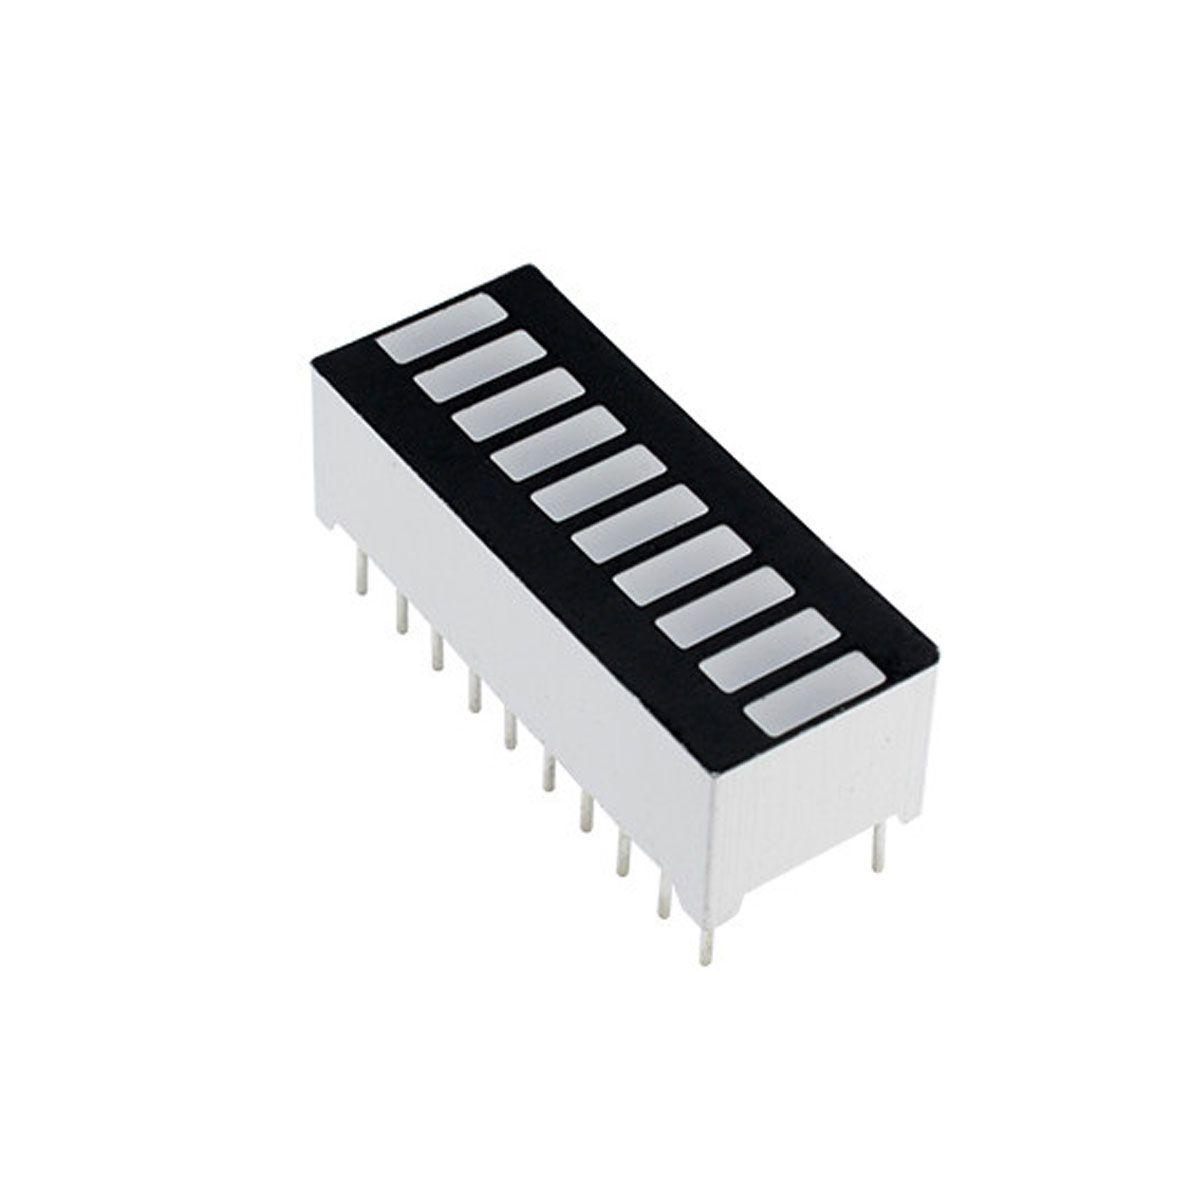 Display Bar Graph / Barra de Progresso com 4 cores 10 segmentos - Comum